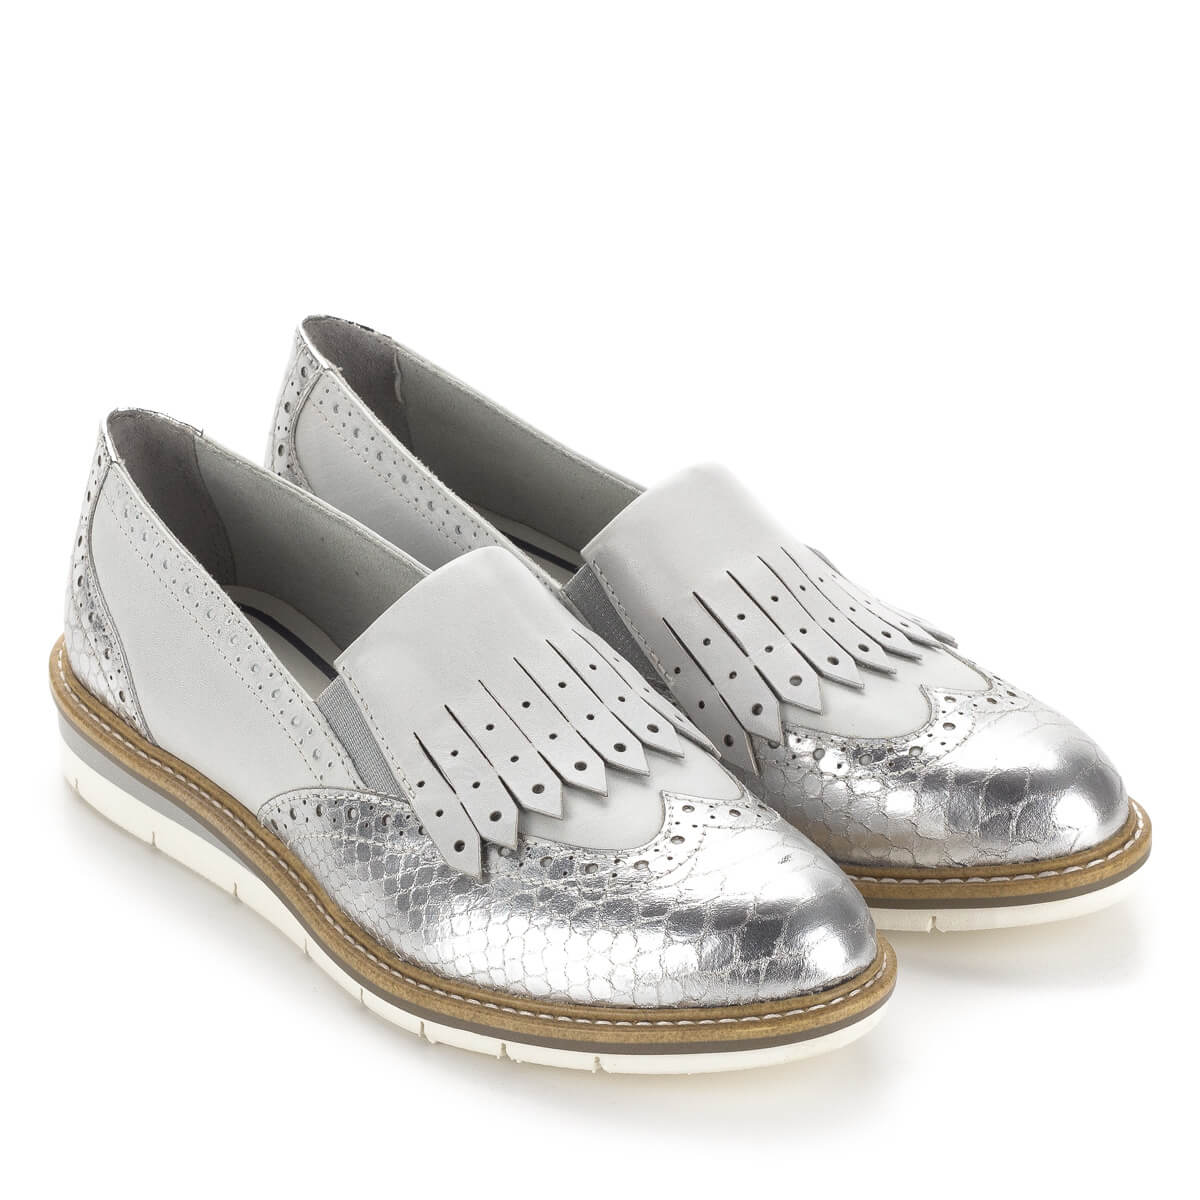 140ccfb8a3a9 Tamaris női bőr cipő ezüst és törtfehér színben. Stílusos, divatos cipő  kényelmes, lapos ...